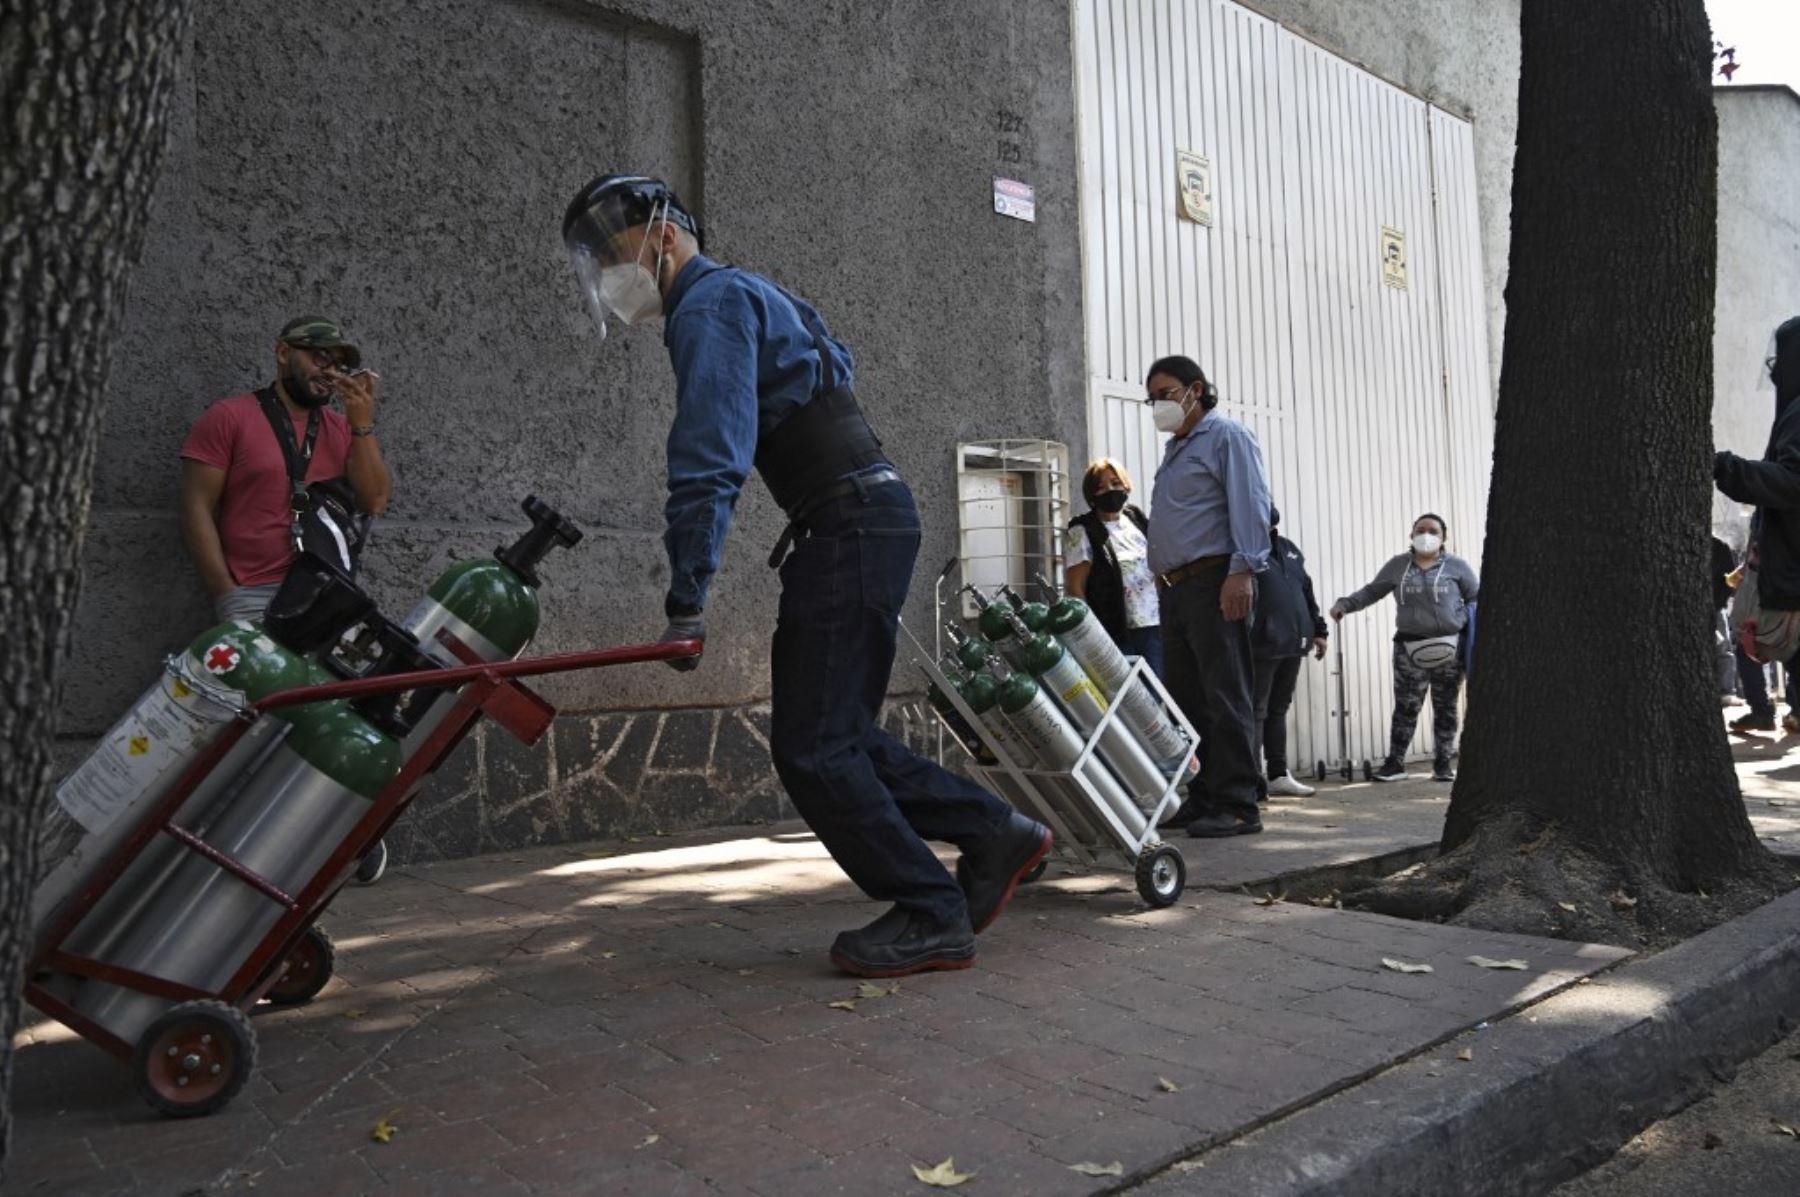 Personas hacen fila para rellenar los tanques de oxígeno en la Compañía Infra Medica en la Ciudad de México. Foto: AFP